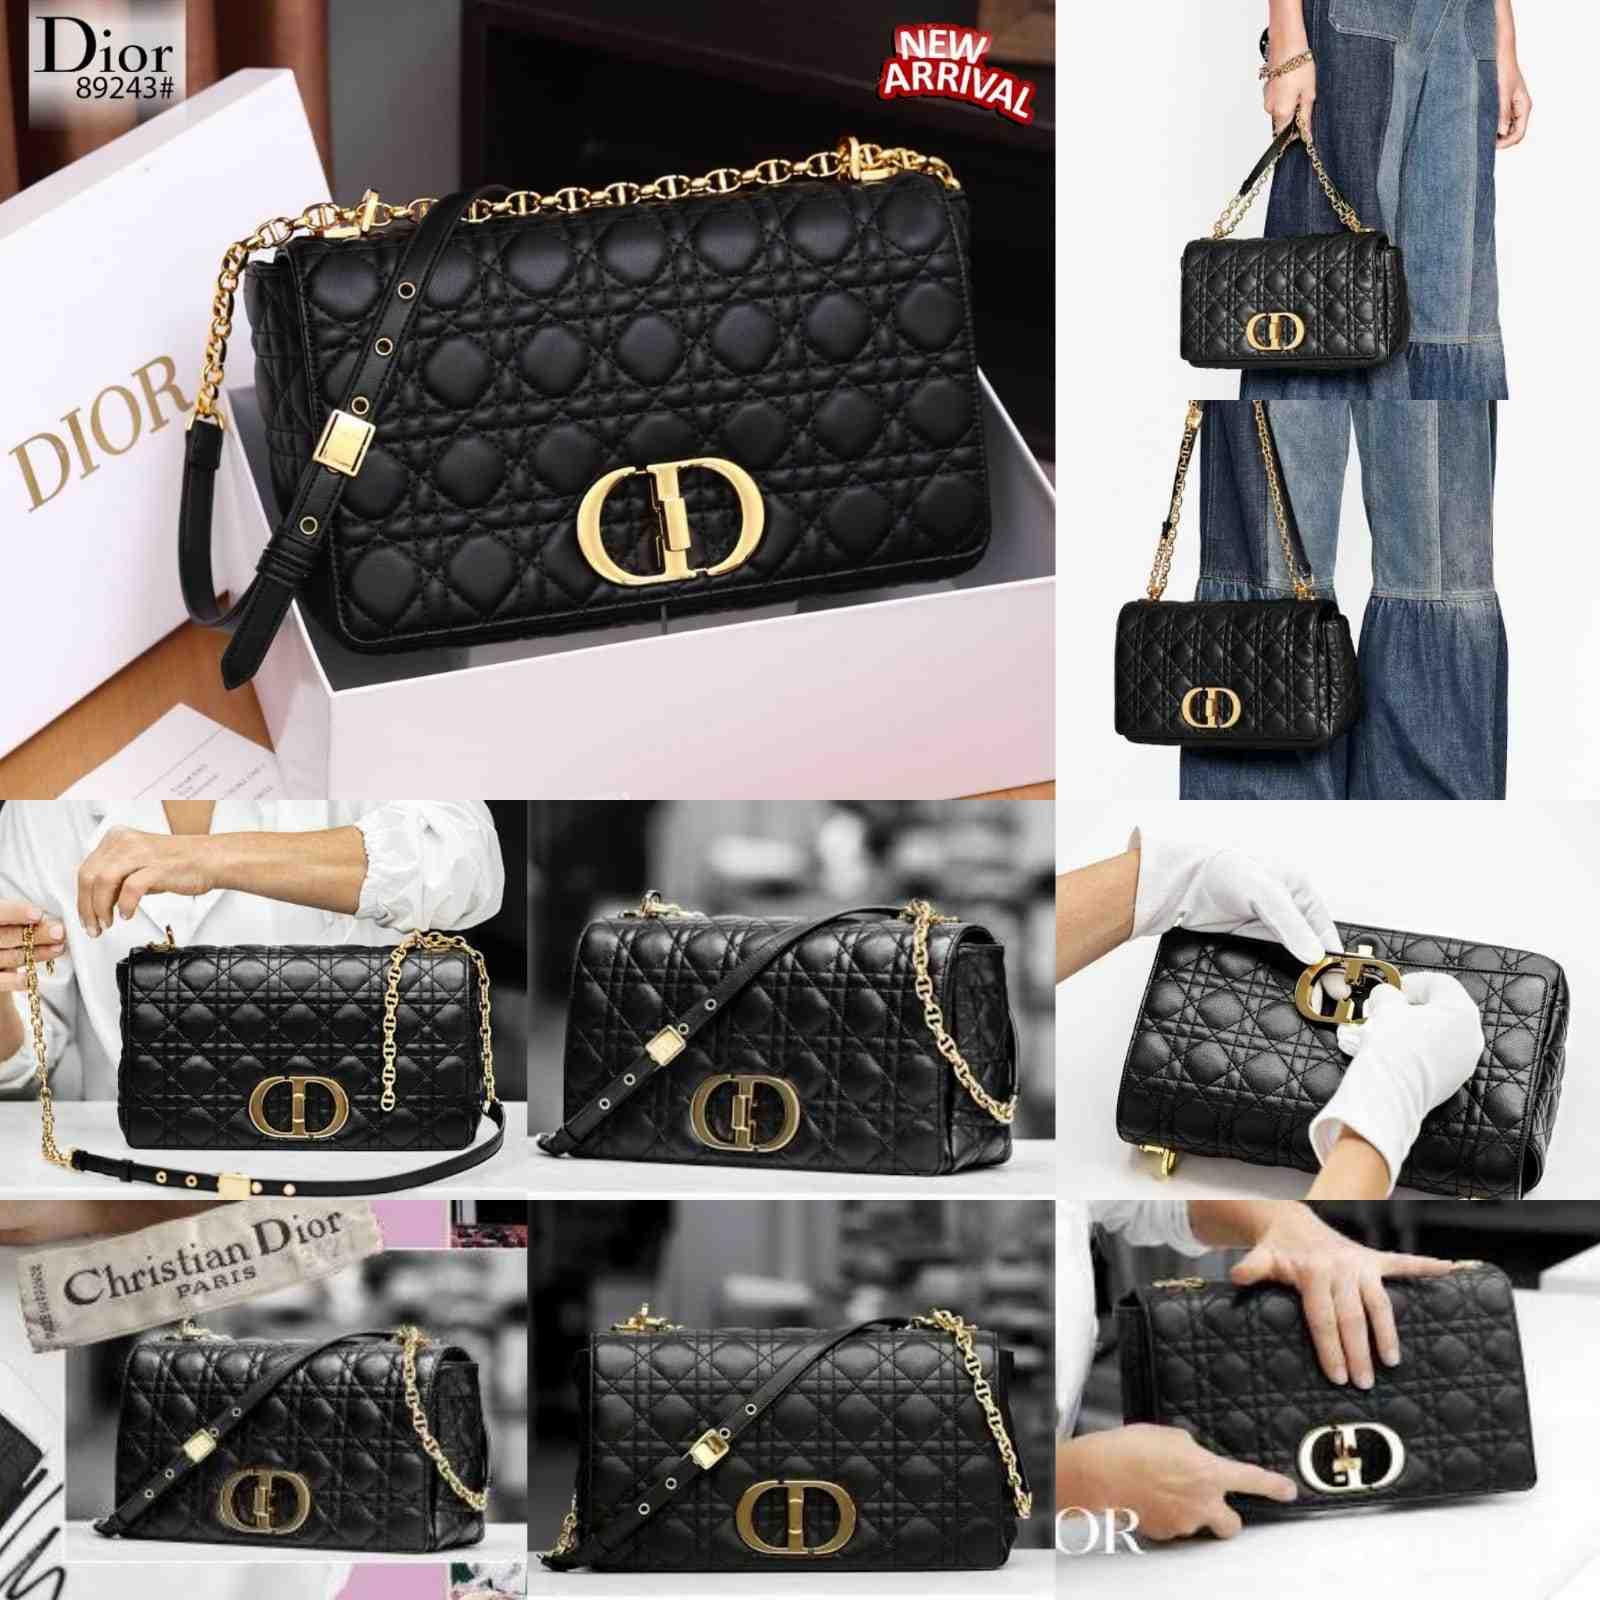 Tas DIOR SELEMPANG TERBARU,Christian Dior Caro Bag Combines Modernity Platinum Kode CD4094,Tas DIOR BATAM 3